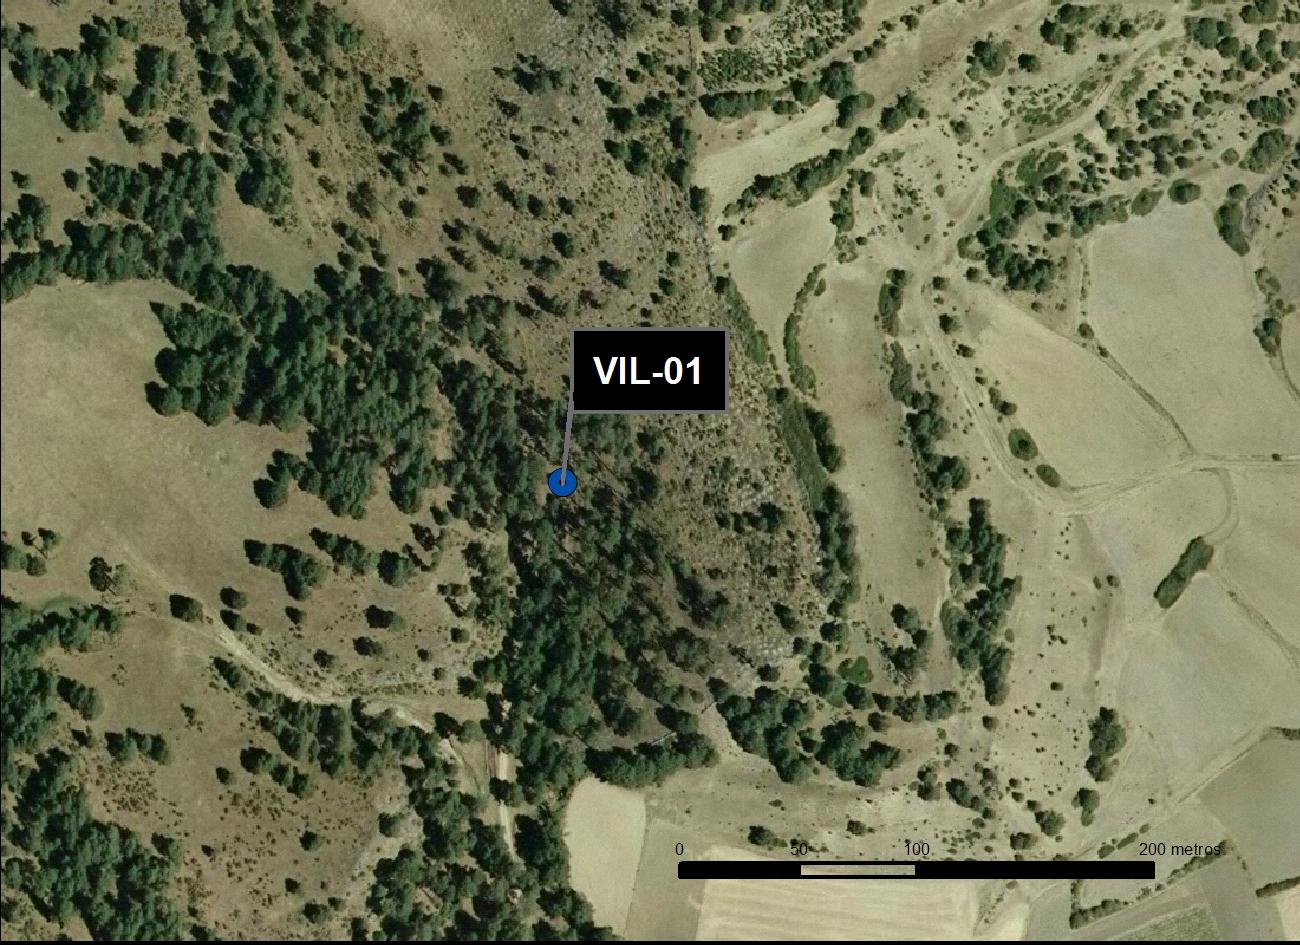 VIL_01_M.V.LOZANO_FUENTE COBETA_ORTO 1